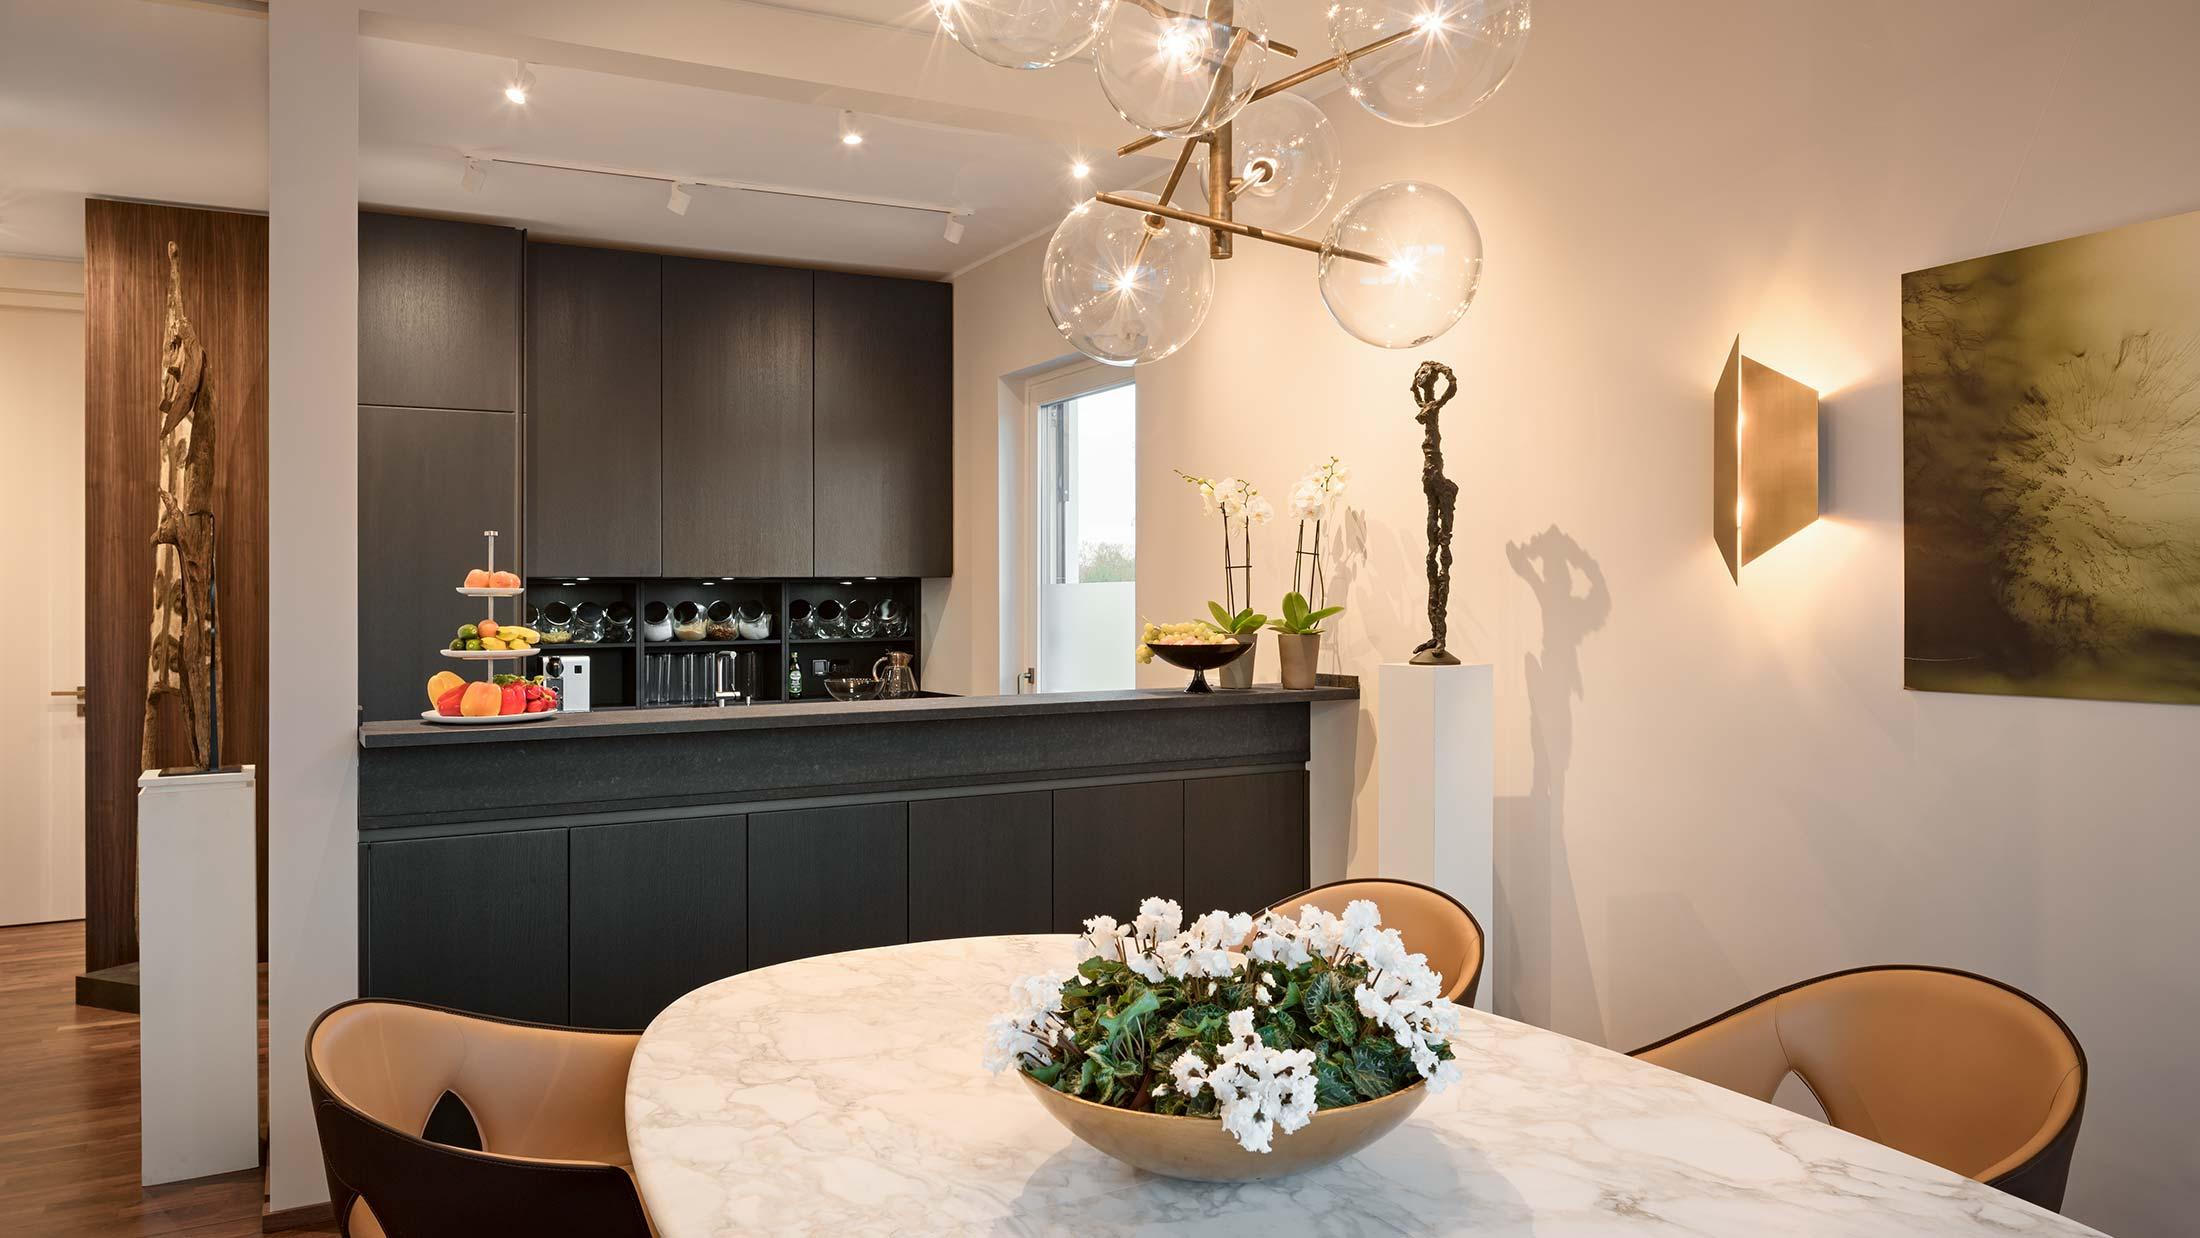 Penthouse Fünf Morgen: Luxusküche aus schwarzer Eiche und Naturstein